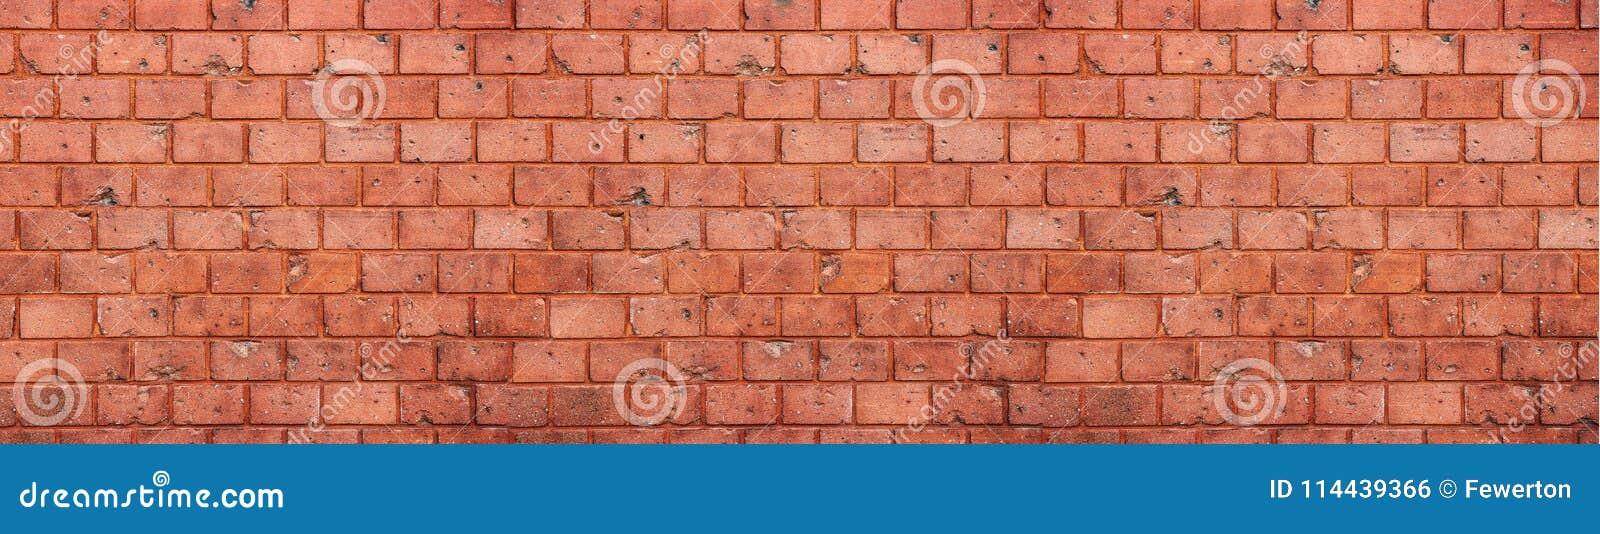 Fundo sujo velho e resistido da textura da parede de tijolo vermelho no formato largo do panorama